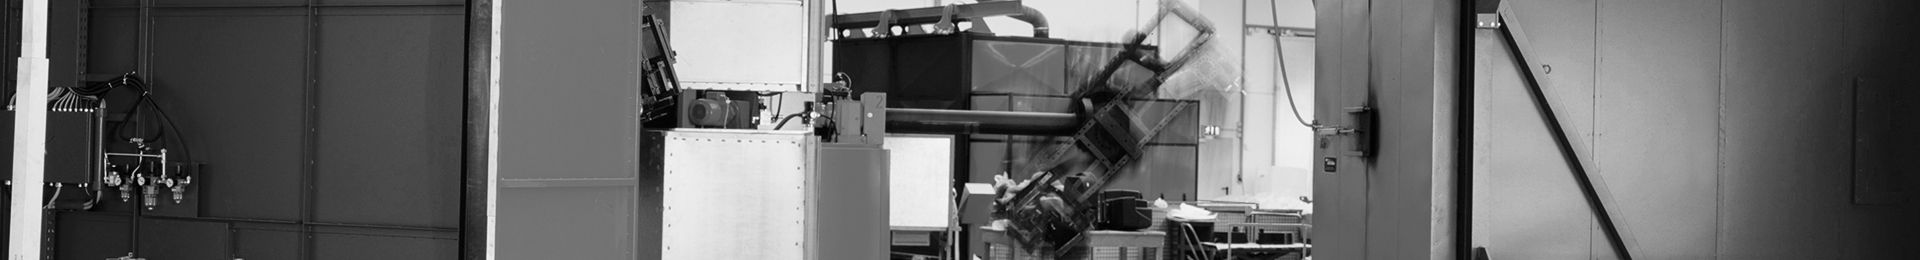 Multifonctionnelle, automatisée, encombrement réduit : installations de roto-moulage_Headerbild